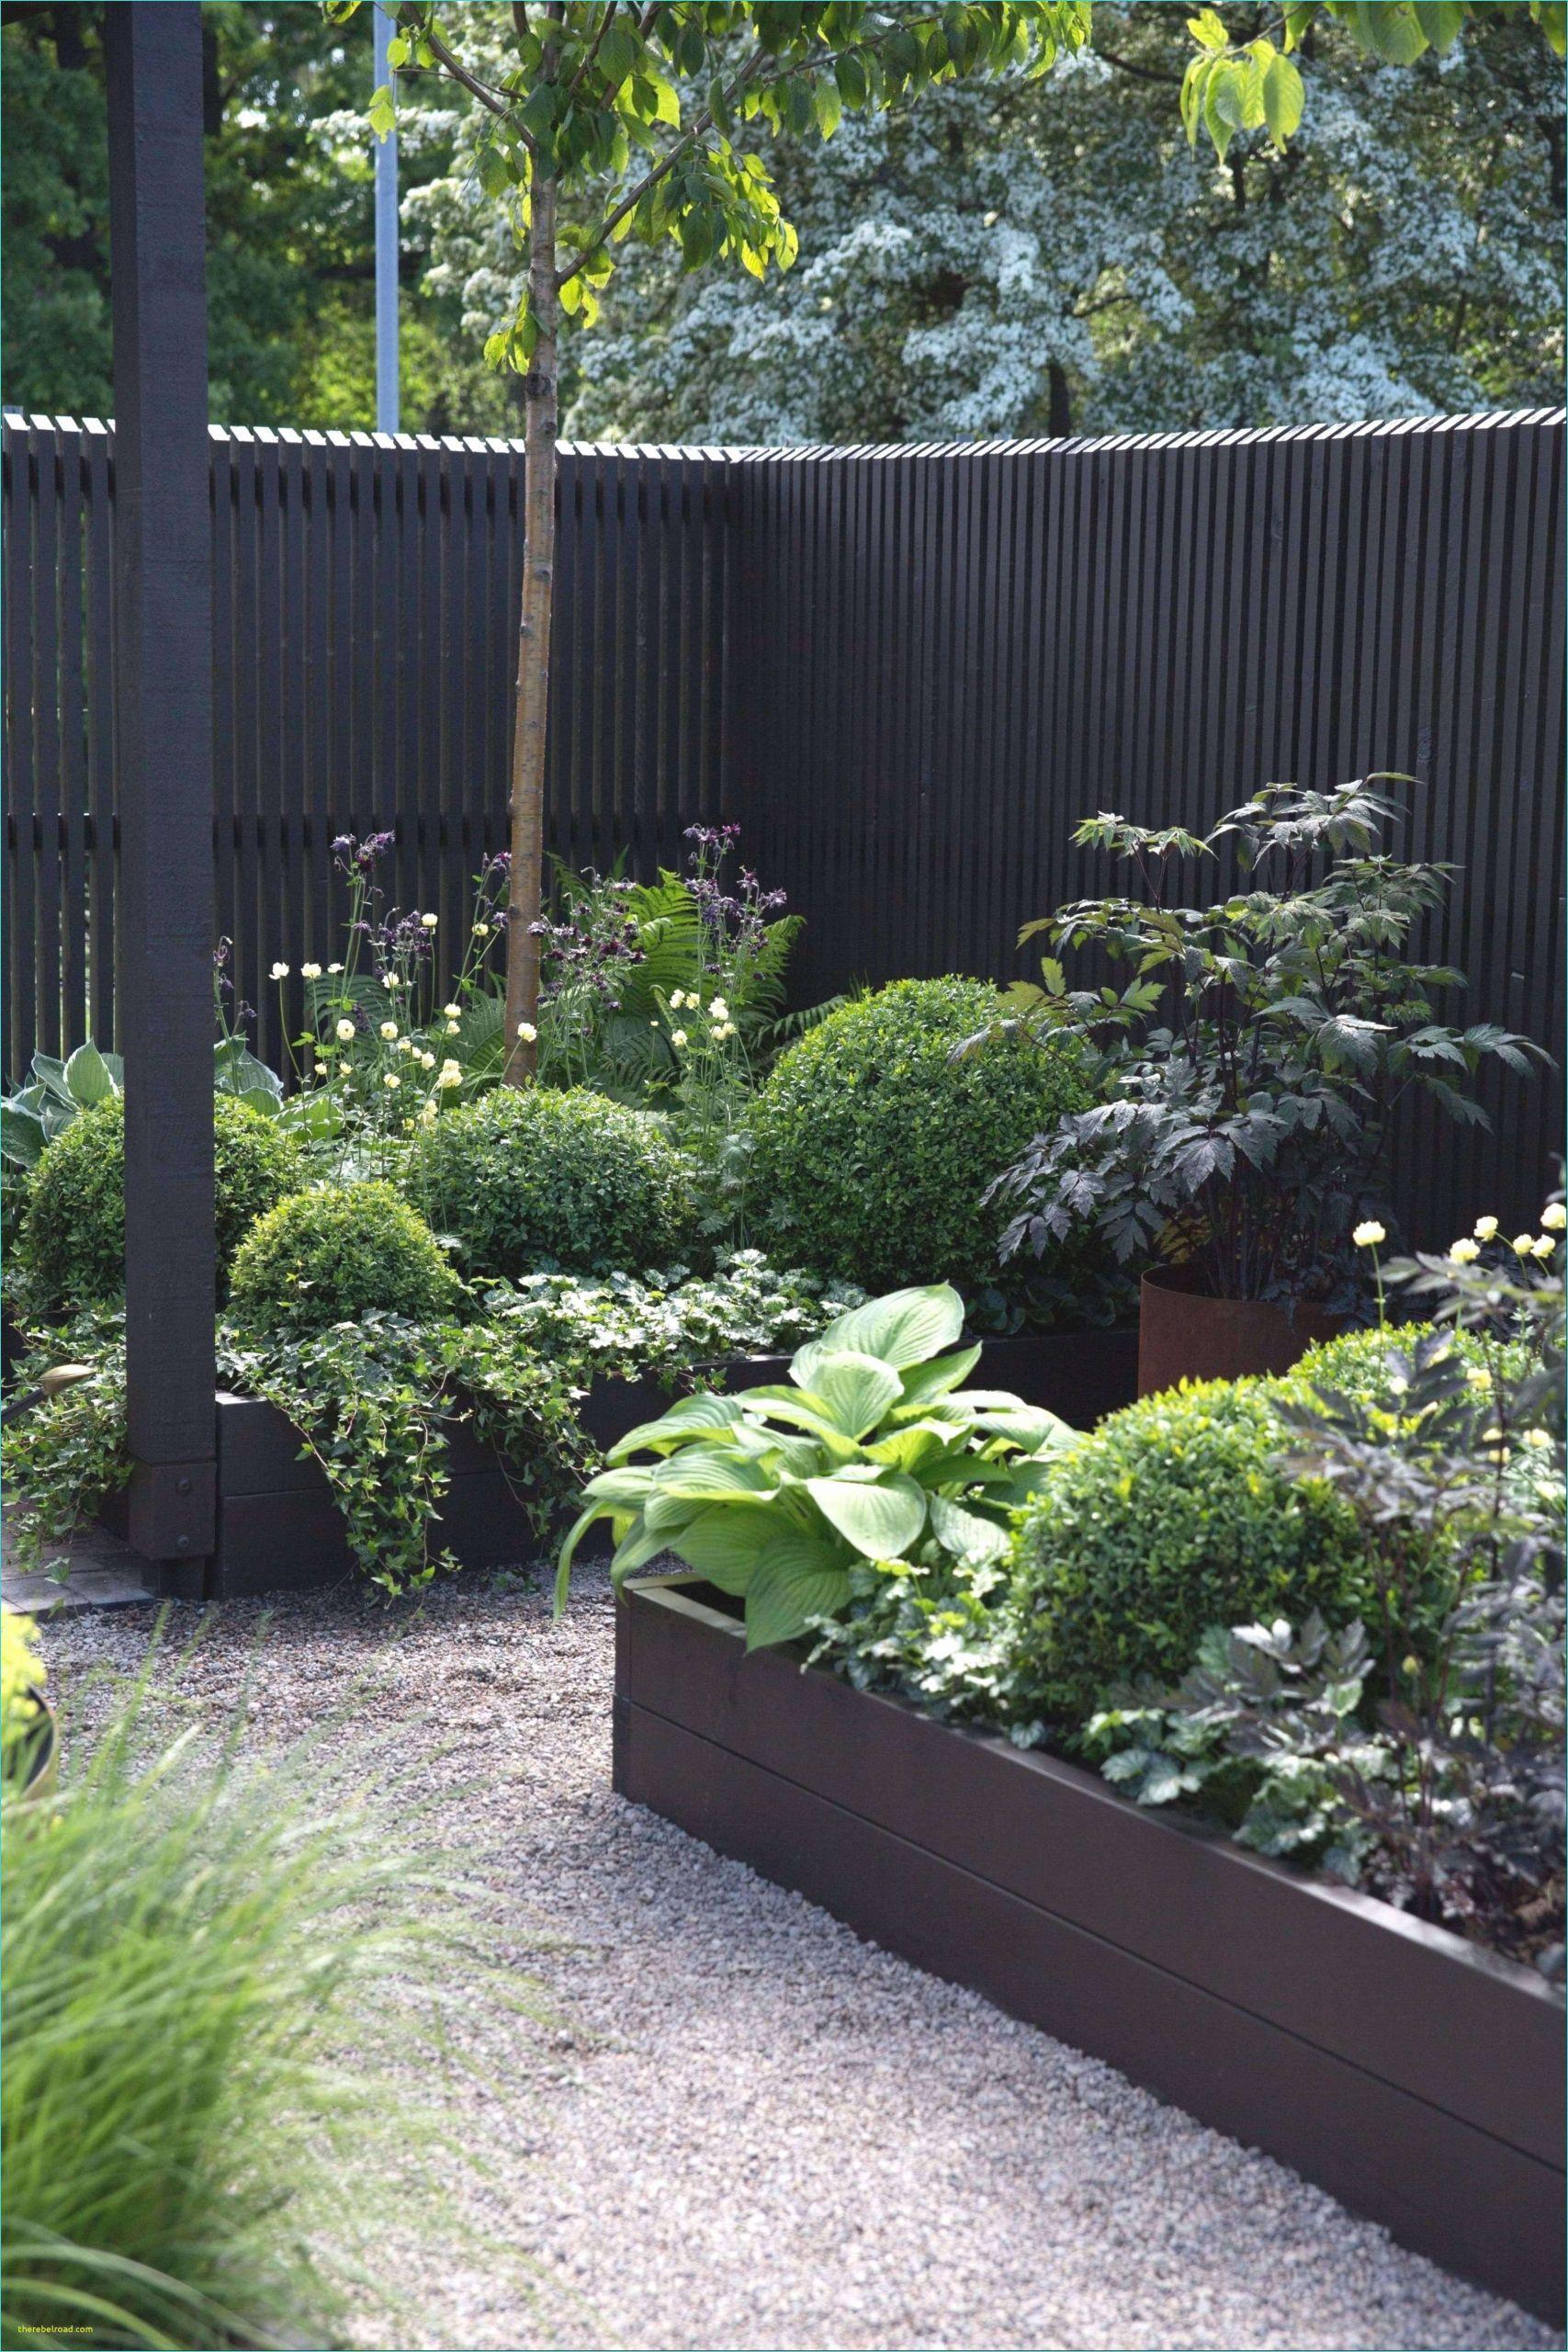 Deko Ideen Für Den Garten Luxus 74 Schön Loungemöbel Für Garten